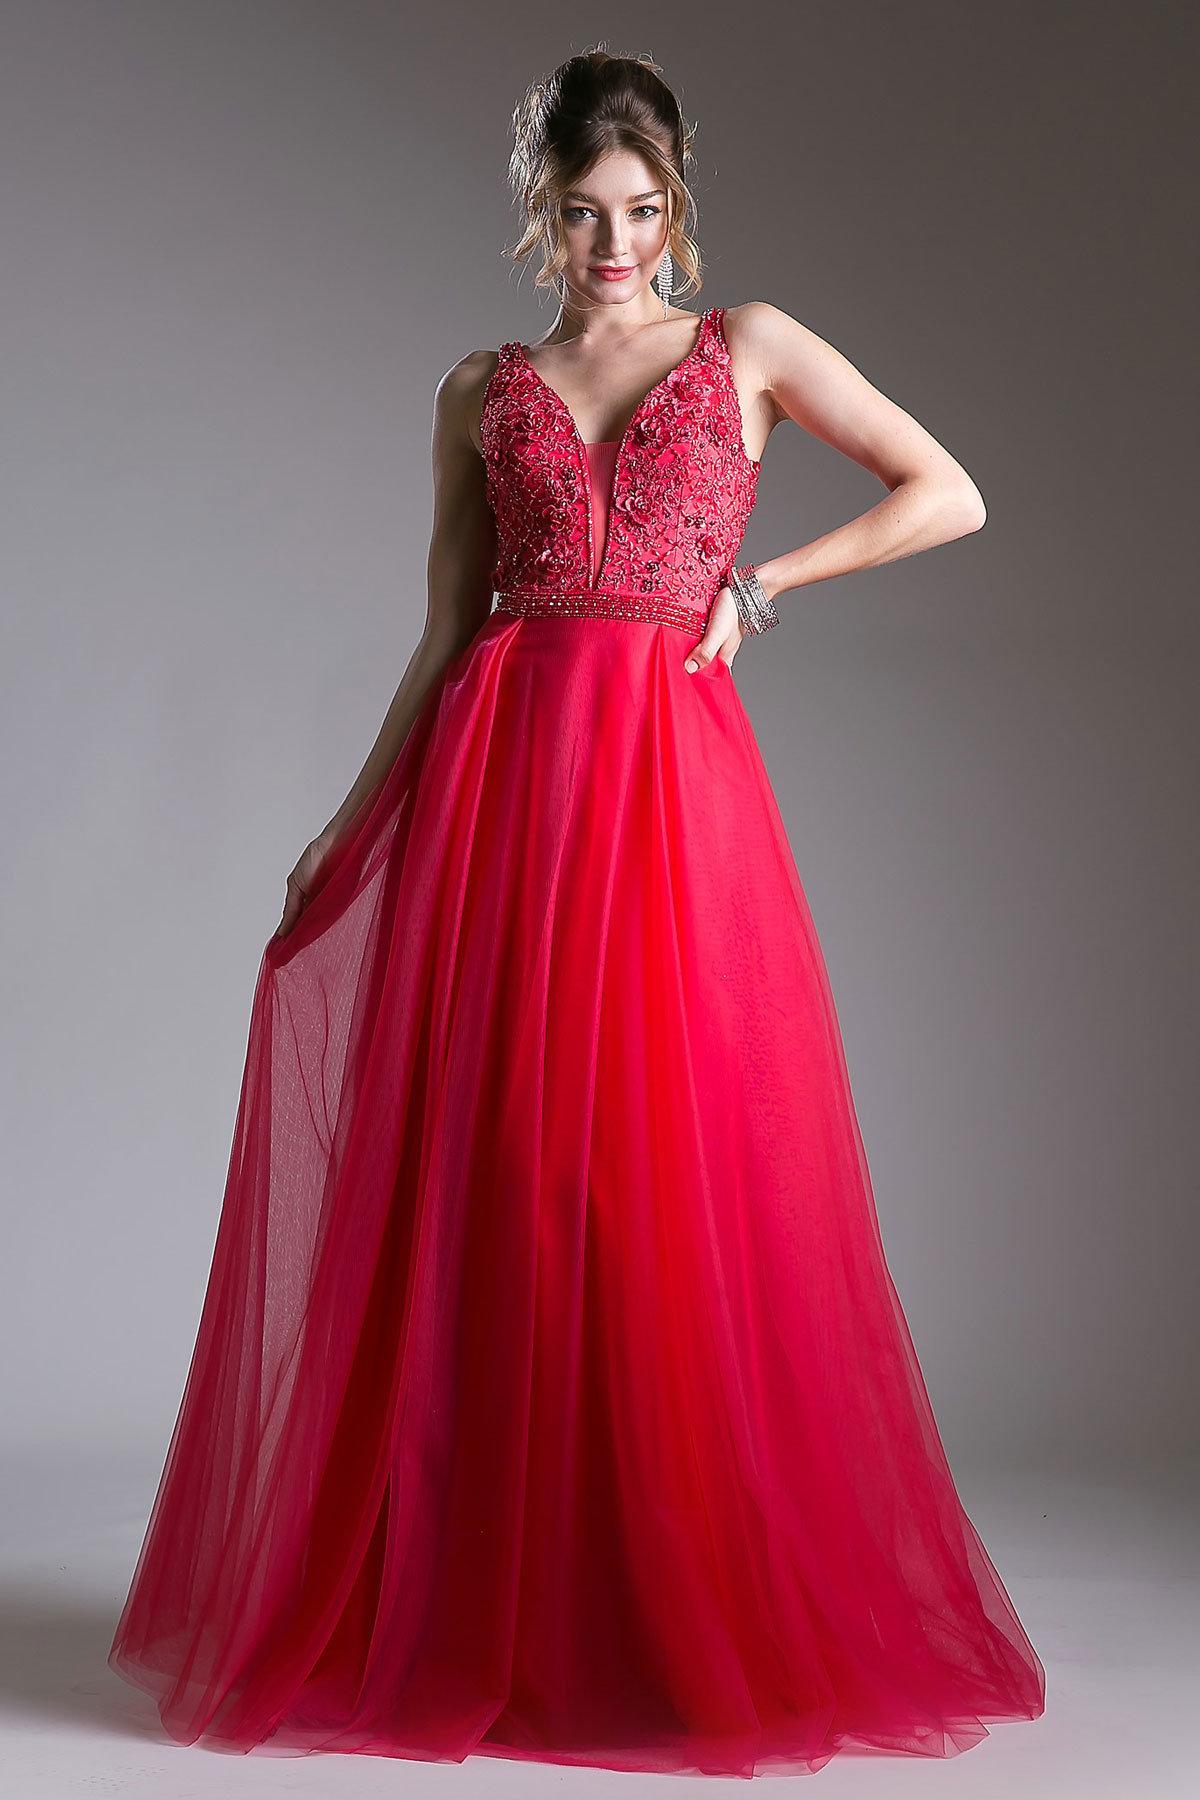 красное платье на выпускной фото